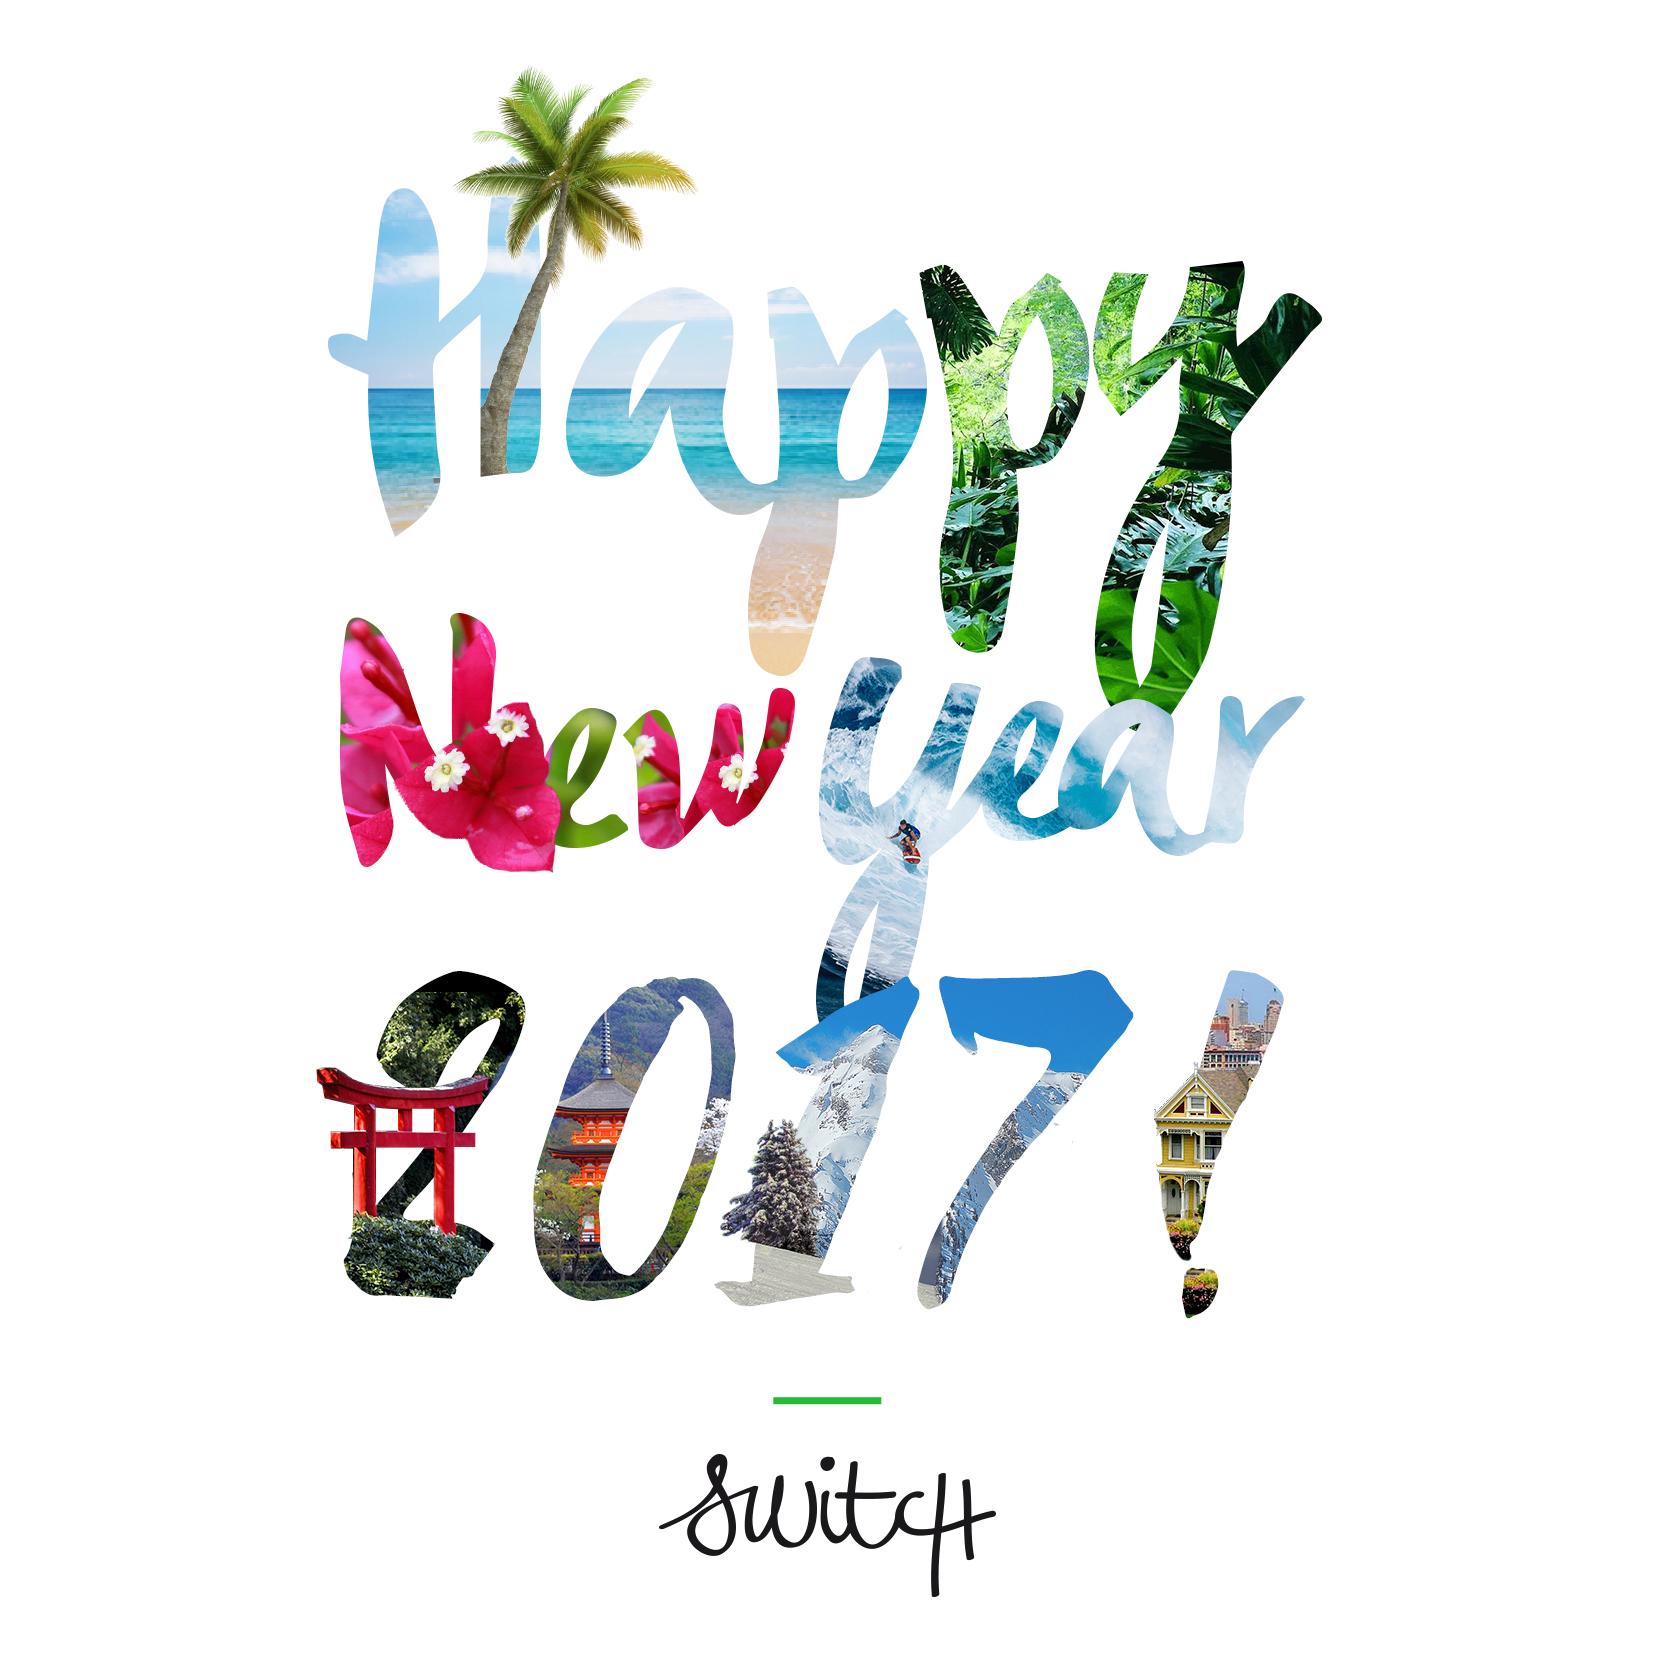 switch-vous-souhaite-une-bonne-annee-2017